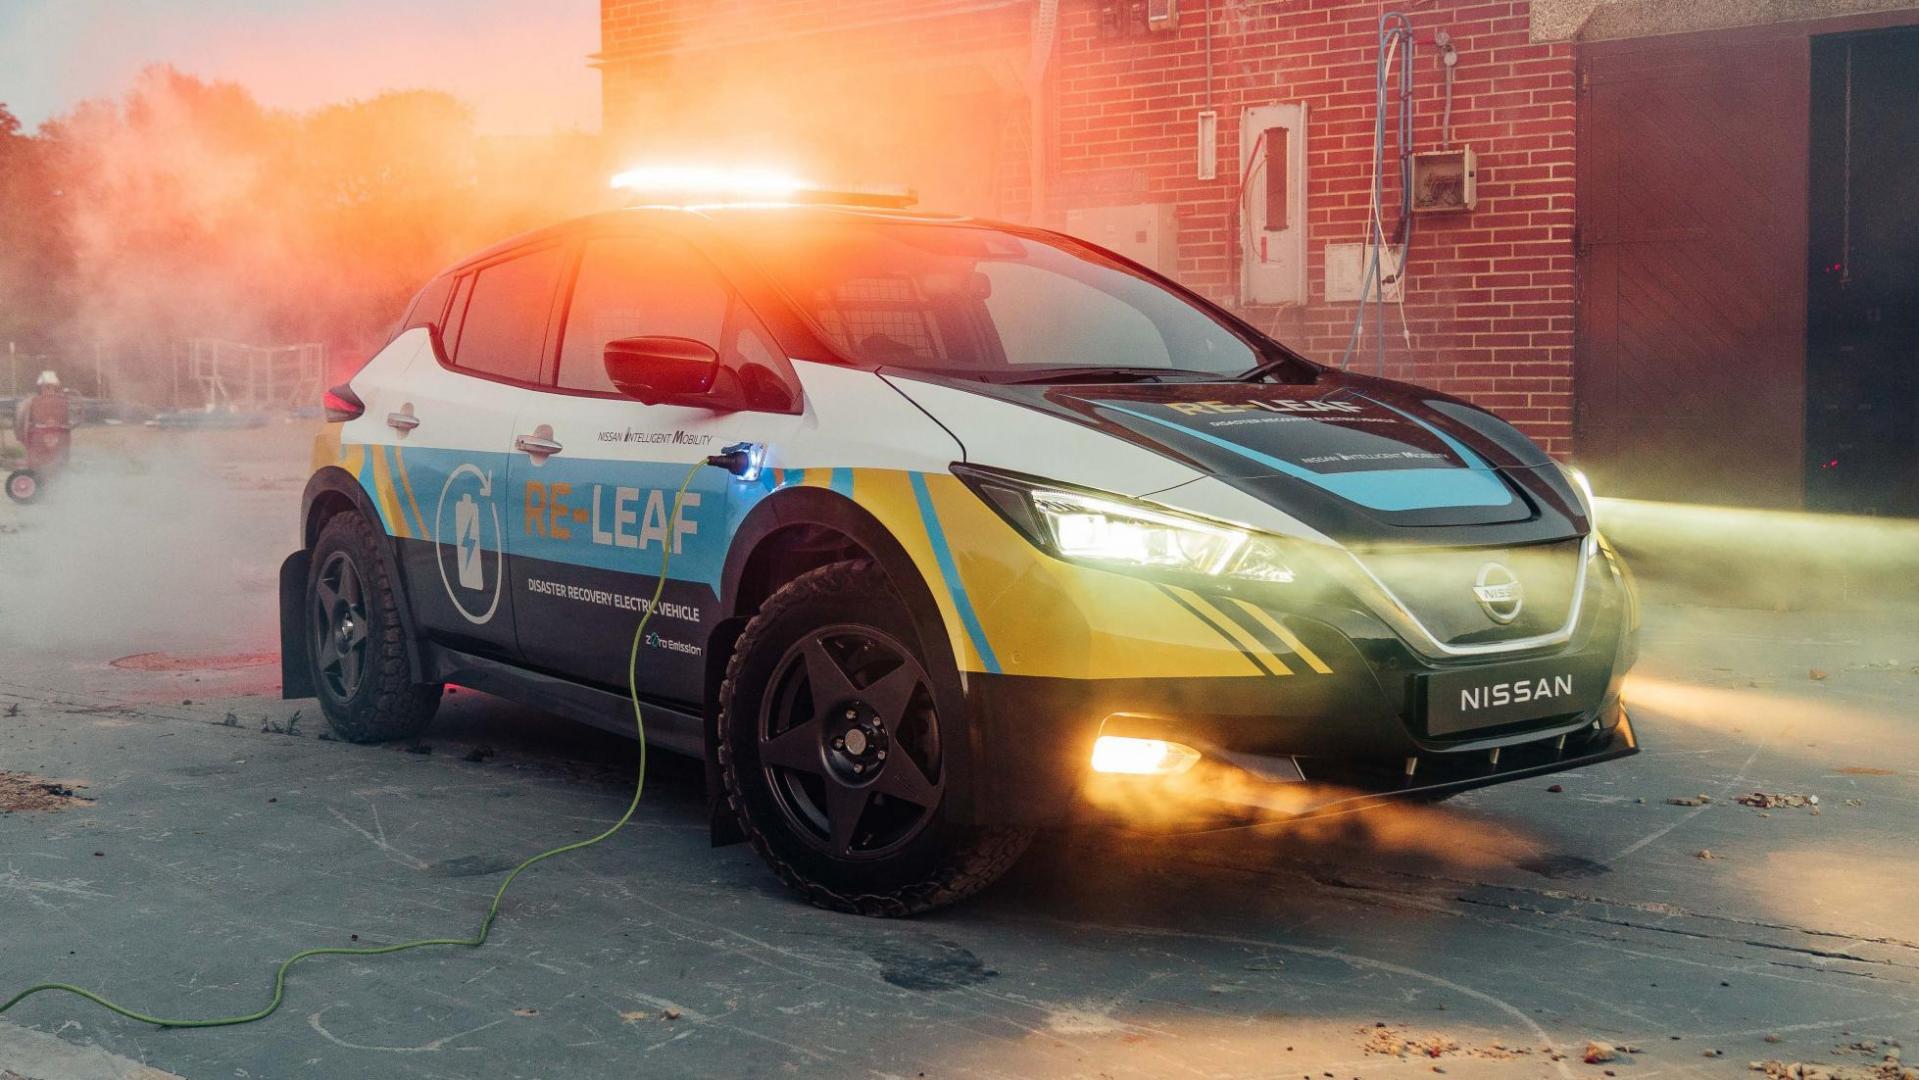 Nissan Re-Leaf is een reddingsvoertuig